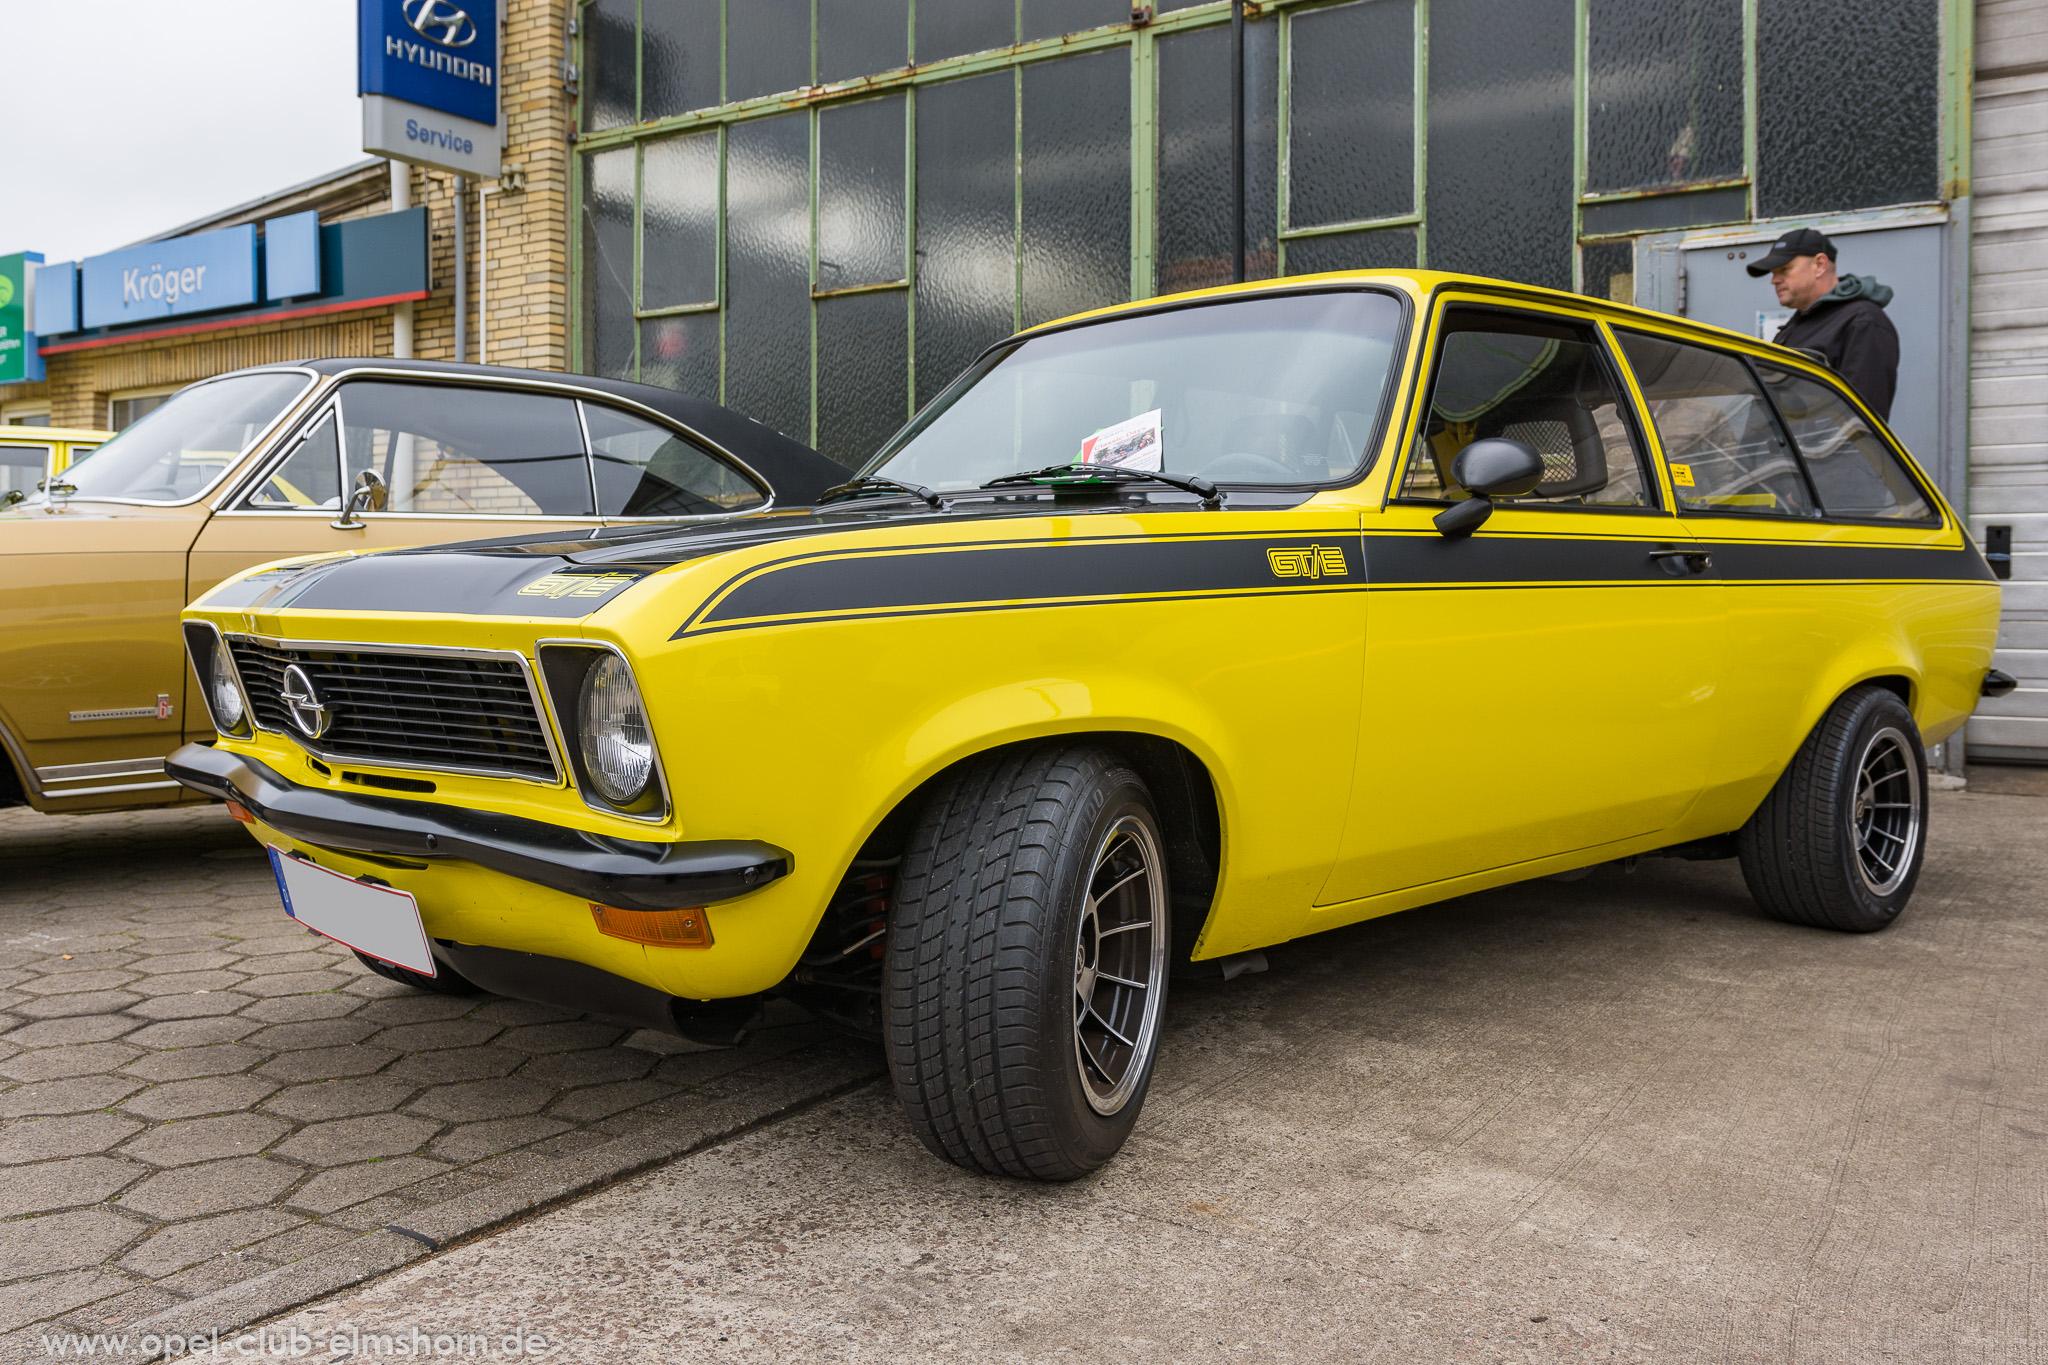 Altopeltreffen Wedel 2019 - 20190501_113709 - Opel Ascona A